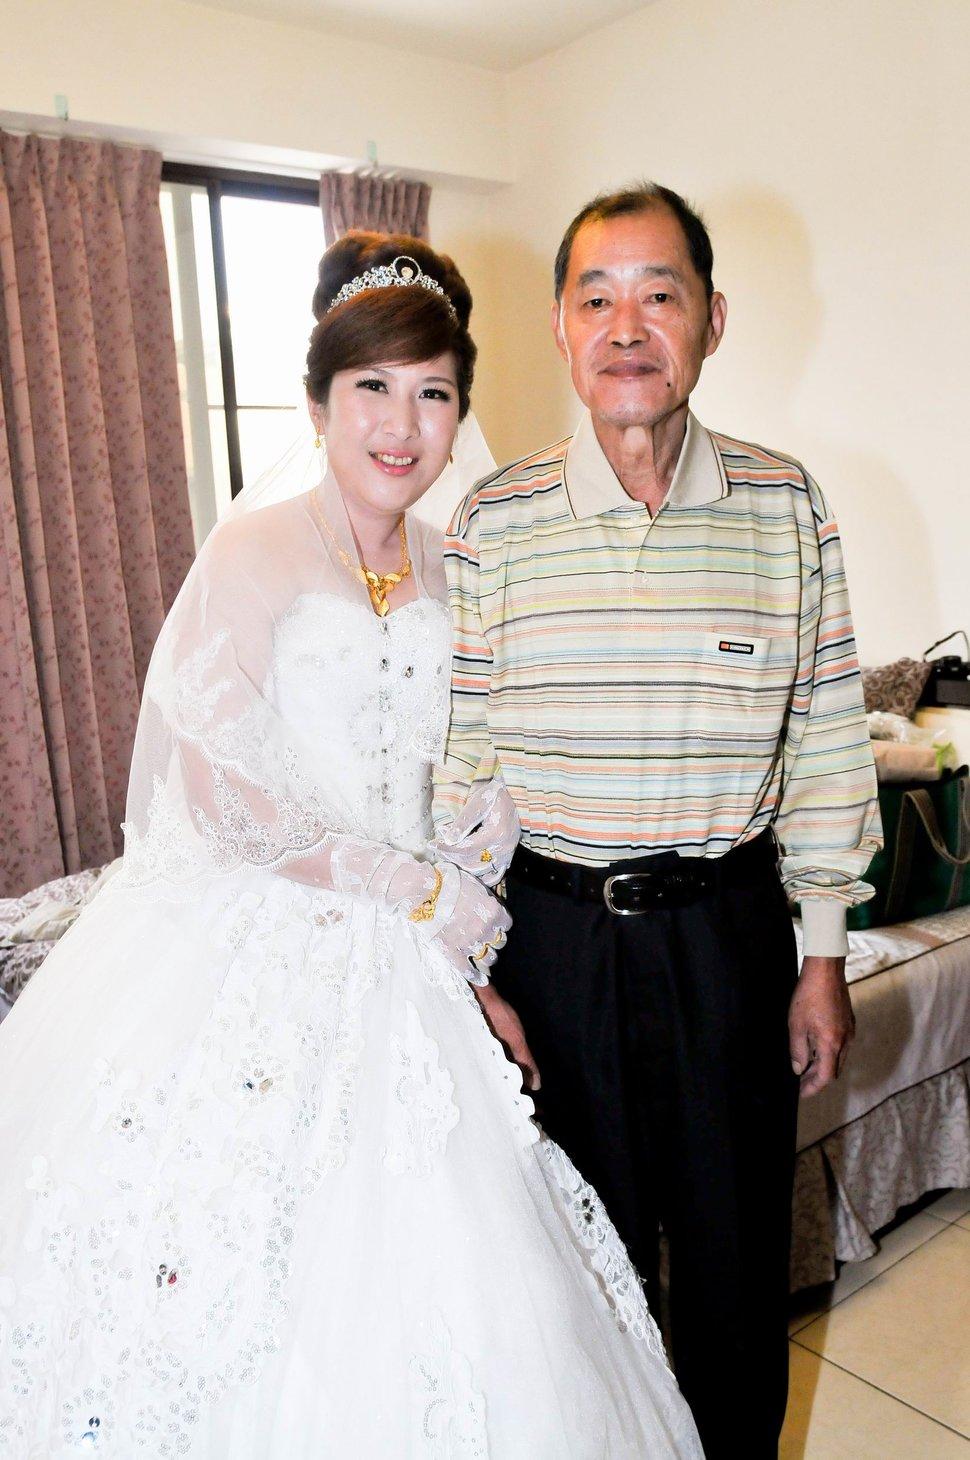 專業婚攝婚禮紀錄婚禮紀錄專業錄影婚禮錄影婚禮記錄動態微電影錄影專業錄影平面攝影婚攝婚禮主持人(編號:280388) - 蜜月拍照10800錄影12800攝影團隊 - 結婚吧